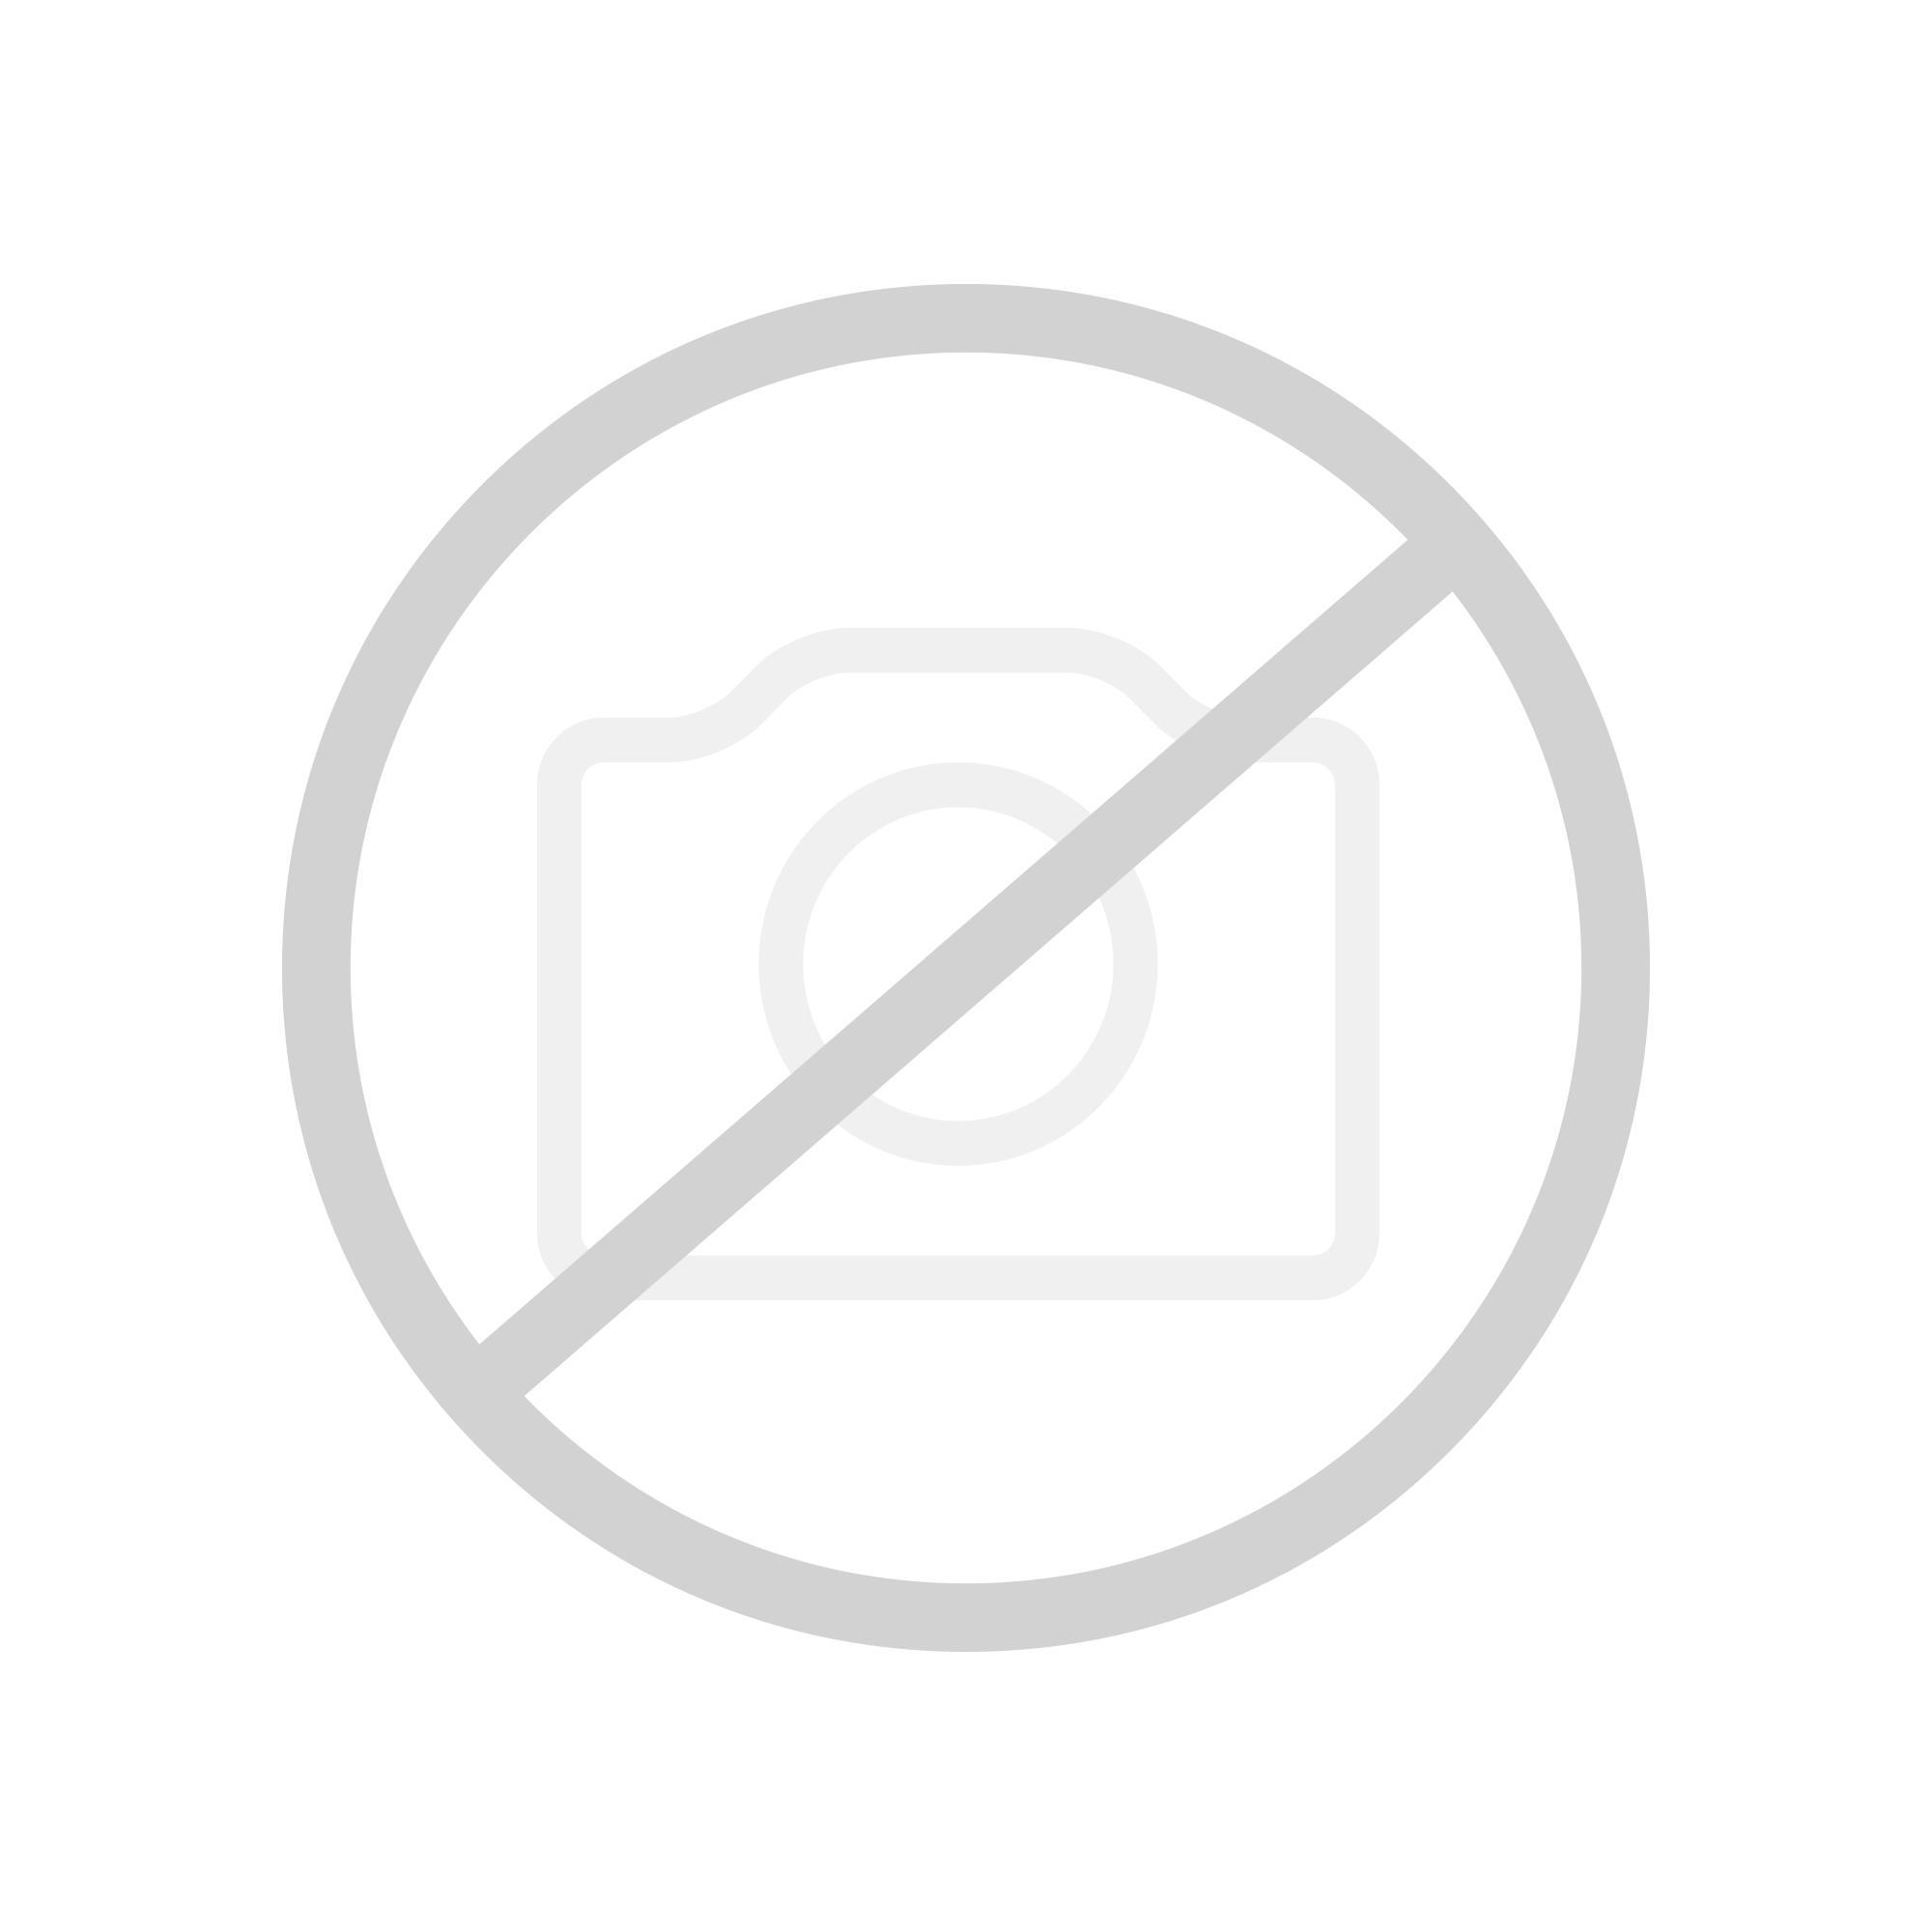 Geberit Sigma50 Betätigungsplatte für 2-Mengen-Spülung chrom gebürstet/chrom gebürstet/chrom gebürstet